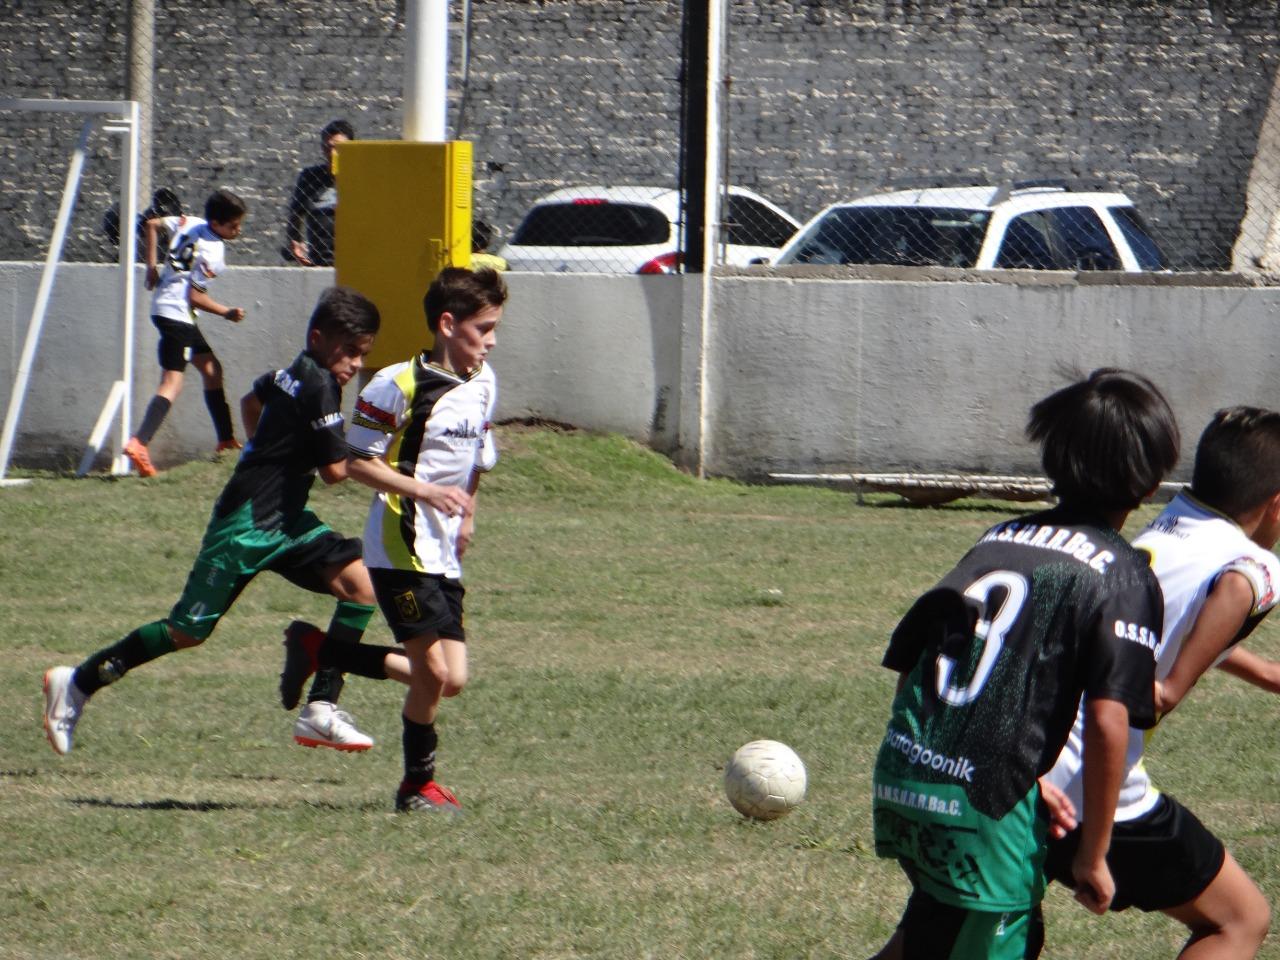 El sábado prueban jugadores en Deportivo Norte